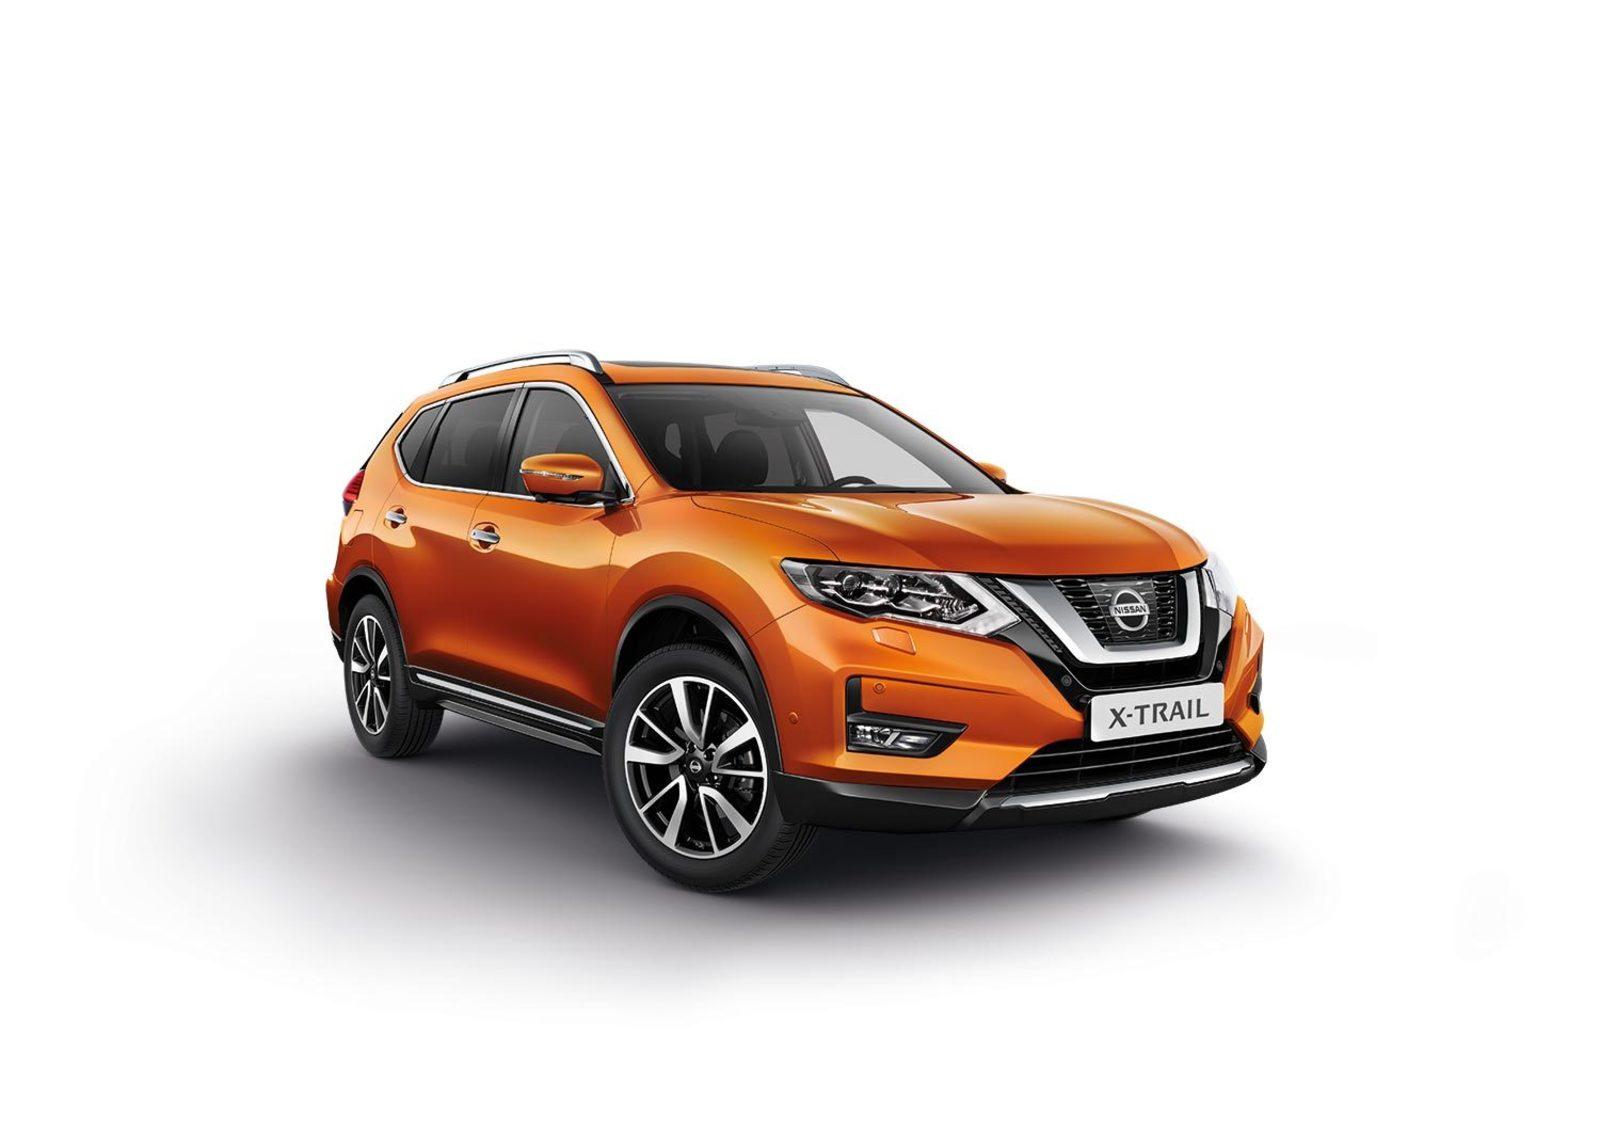 Nissan Garage Tweedehands : Garage essen nissan verkoop onderhoud garage francken